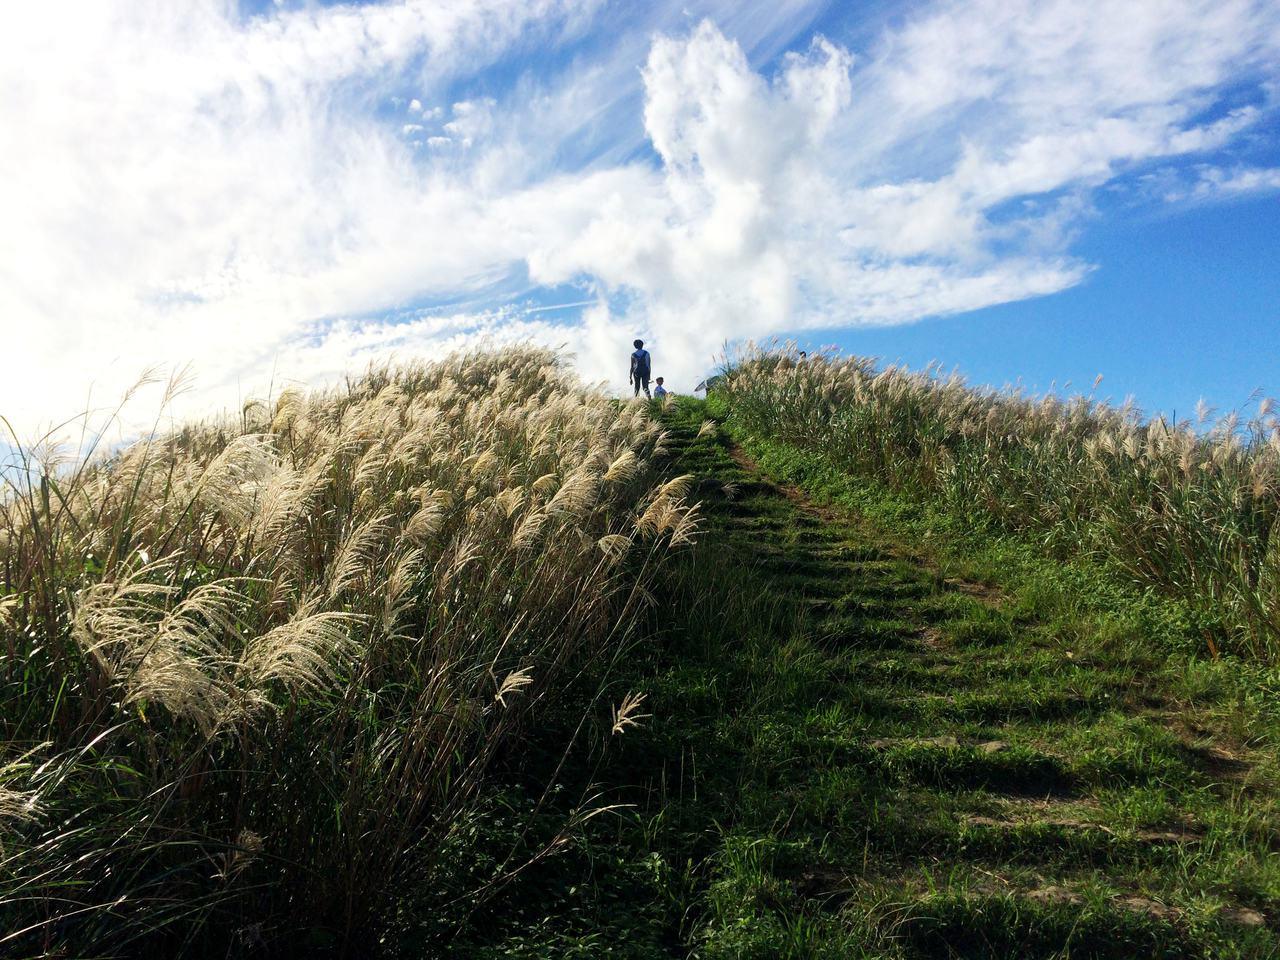 秋登南子吝步道,海天一色美不勝收,山頂有整片芒花(圖)。 圖/王迦嵐